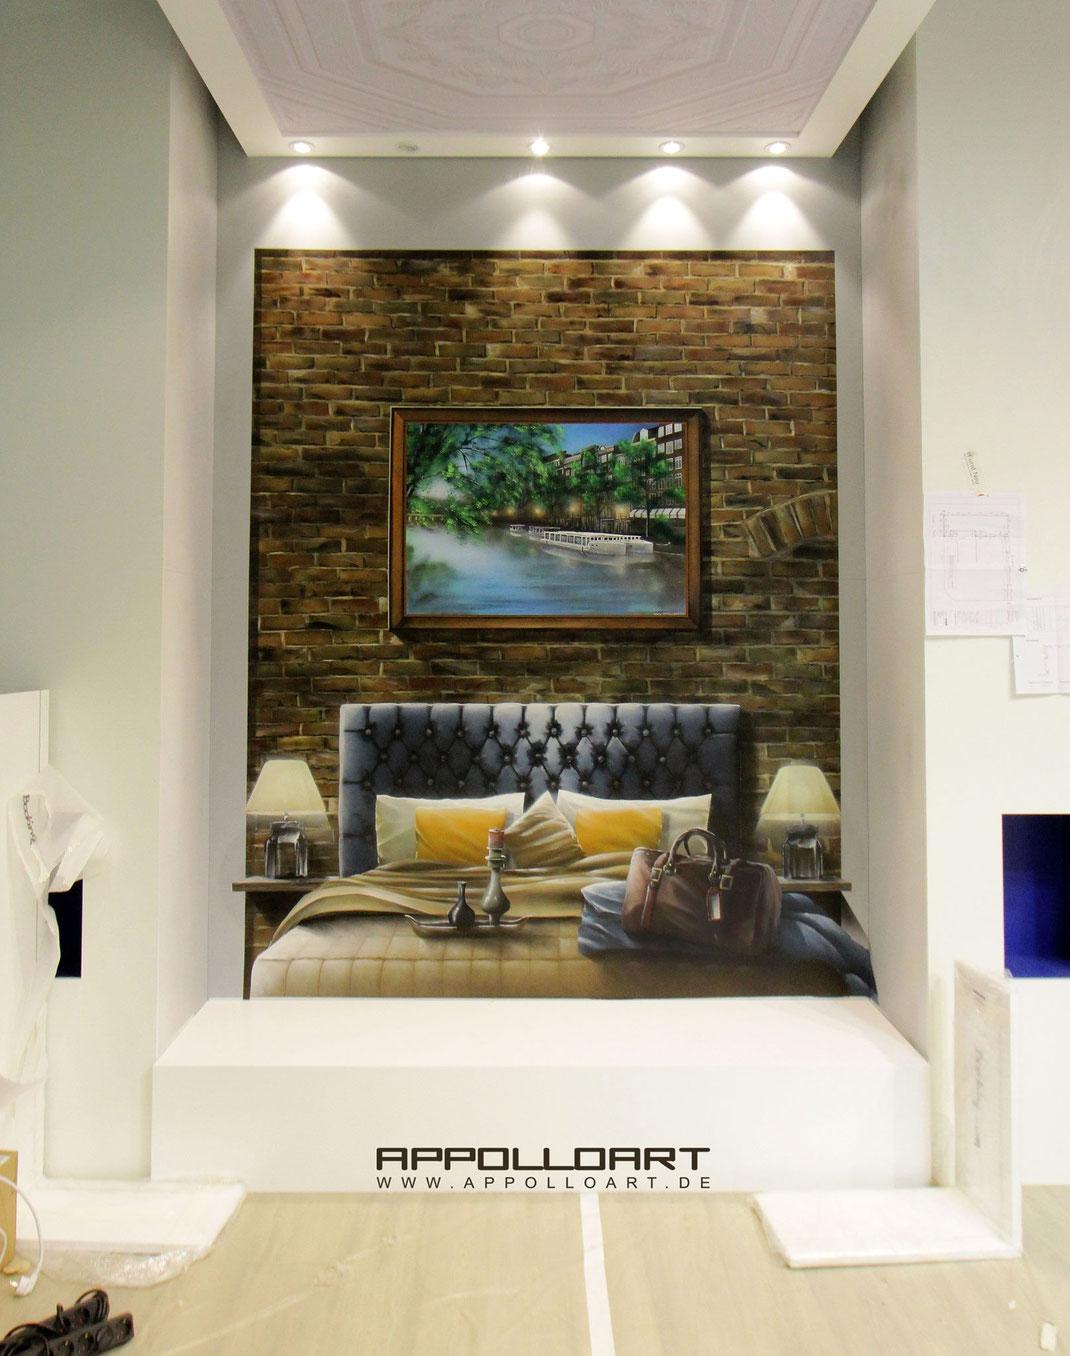 Airbrush Gemälde Indoor Innenraum Ausstellung Wandgestaltung Hotelzimmer Illusion Dekoration Graffiti Fotorealismus realistisch